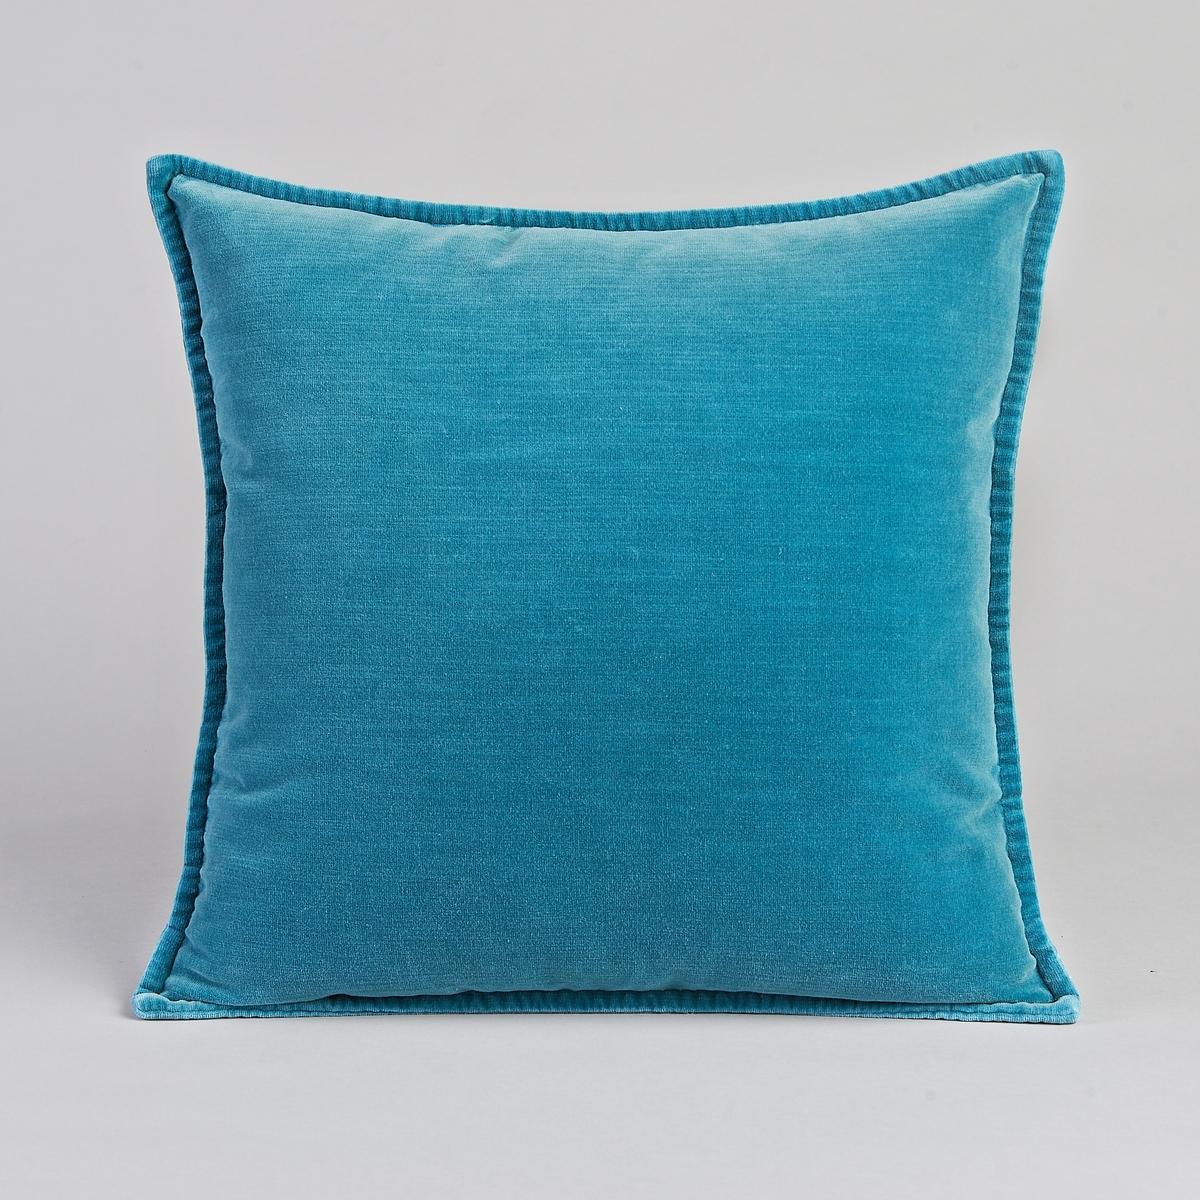 Чехол для подушки DidrikЧехол для подушки Didrik. 90% хлопка, 10% полиэстера. Застёжка на скрытую молнию сзади. Размер : 45 x 45 см.<br><br>Цвет: желтый горчичный,сине-зеленый<br>Размер: 45 x 45  см.45 x 45  см